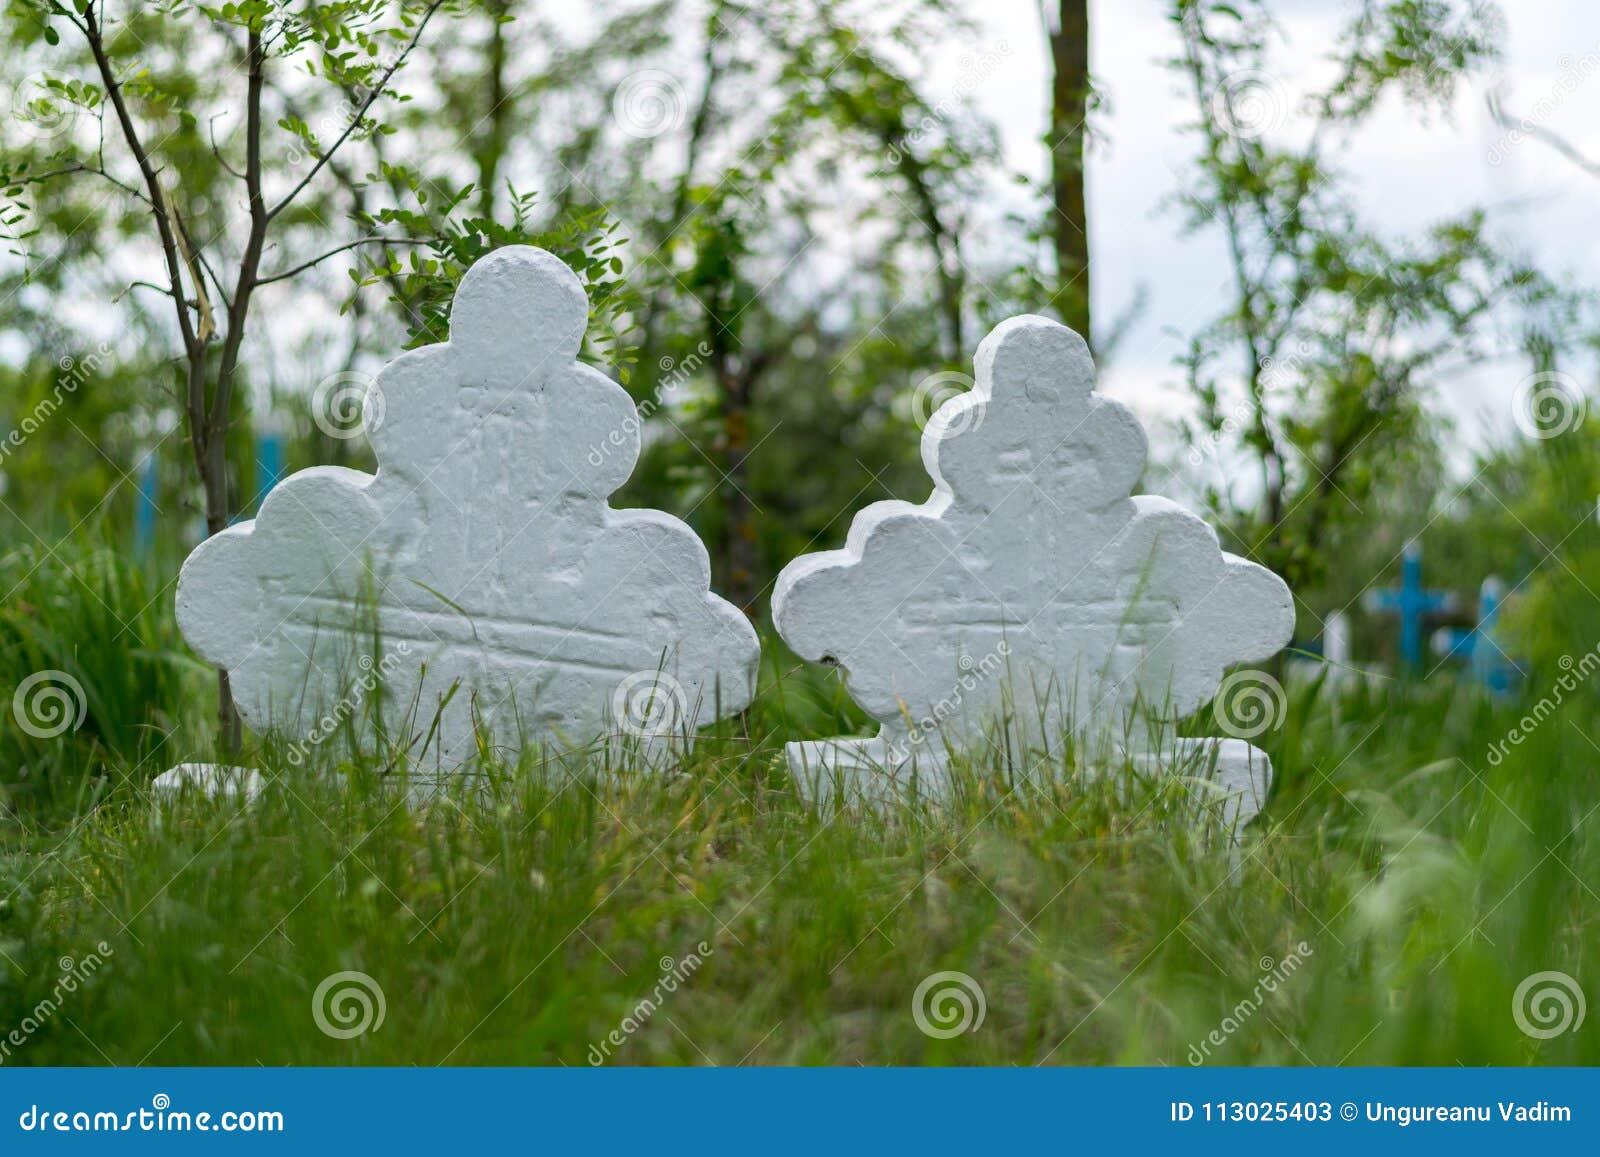 Una vista a 2 viejas cruces blancas en un cementerio